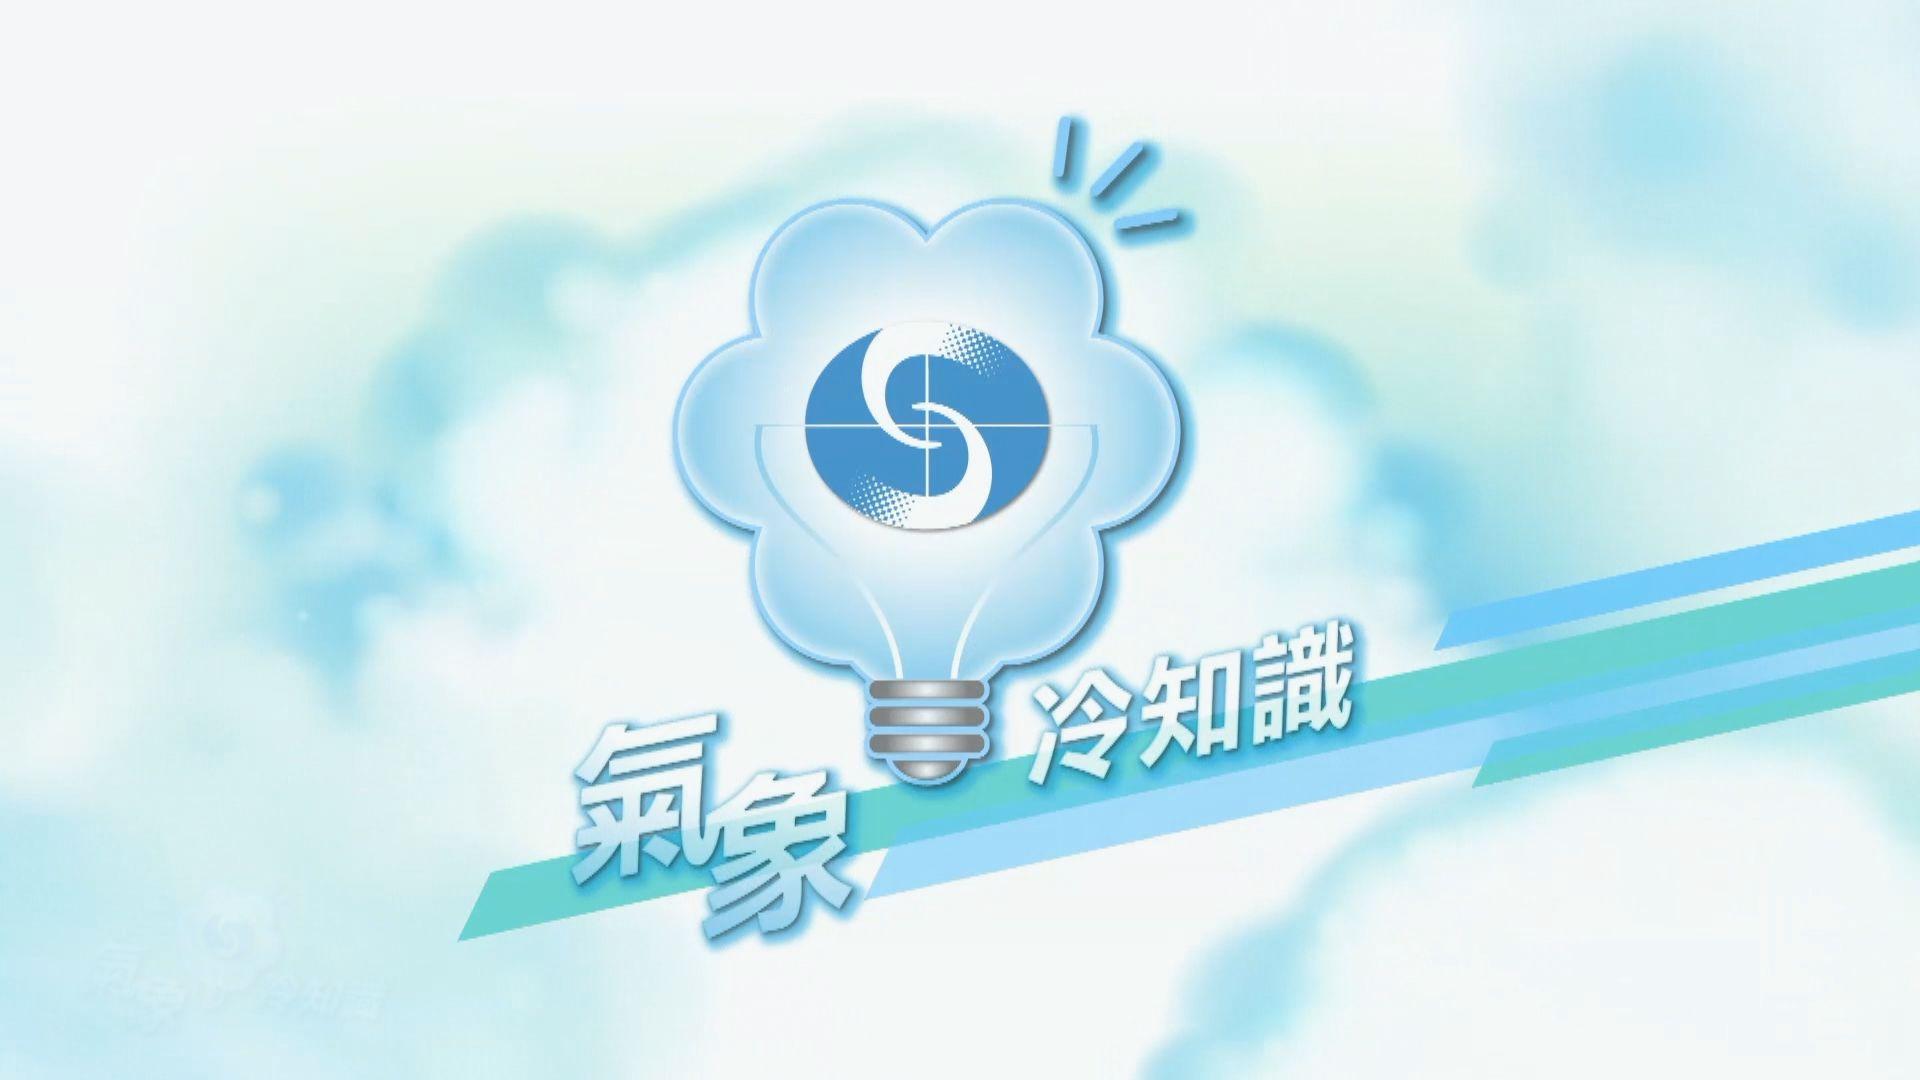 【氣象冷知識】氣候變化教材套